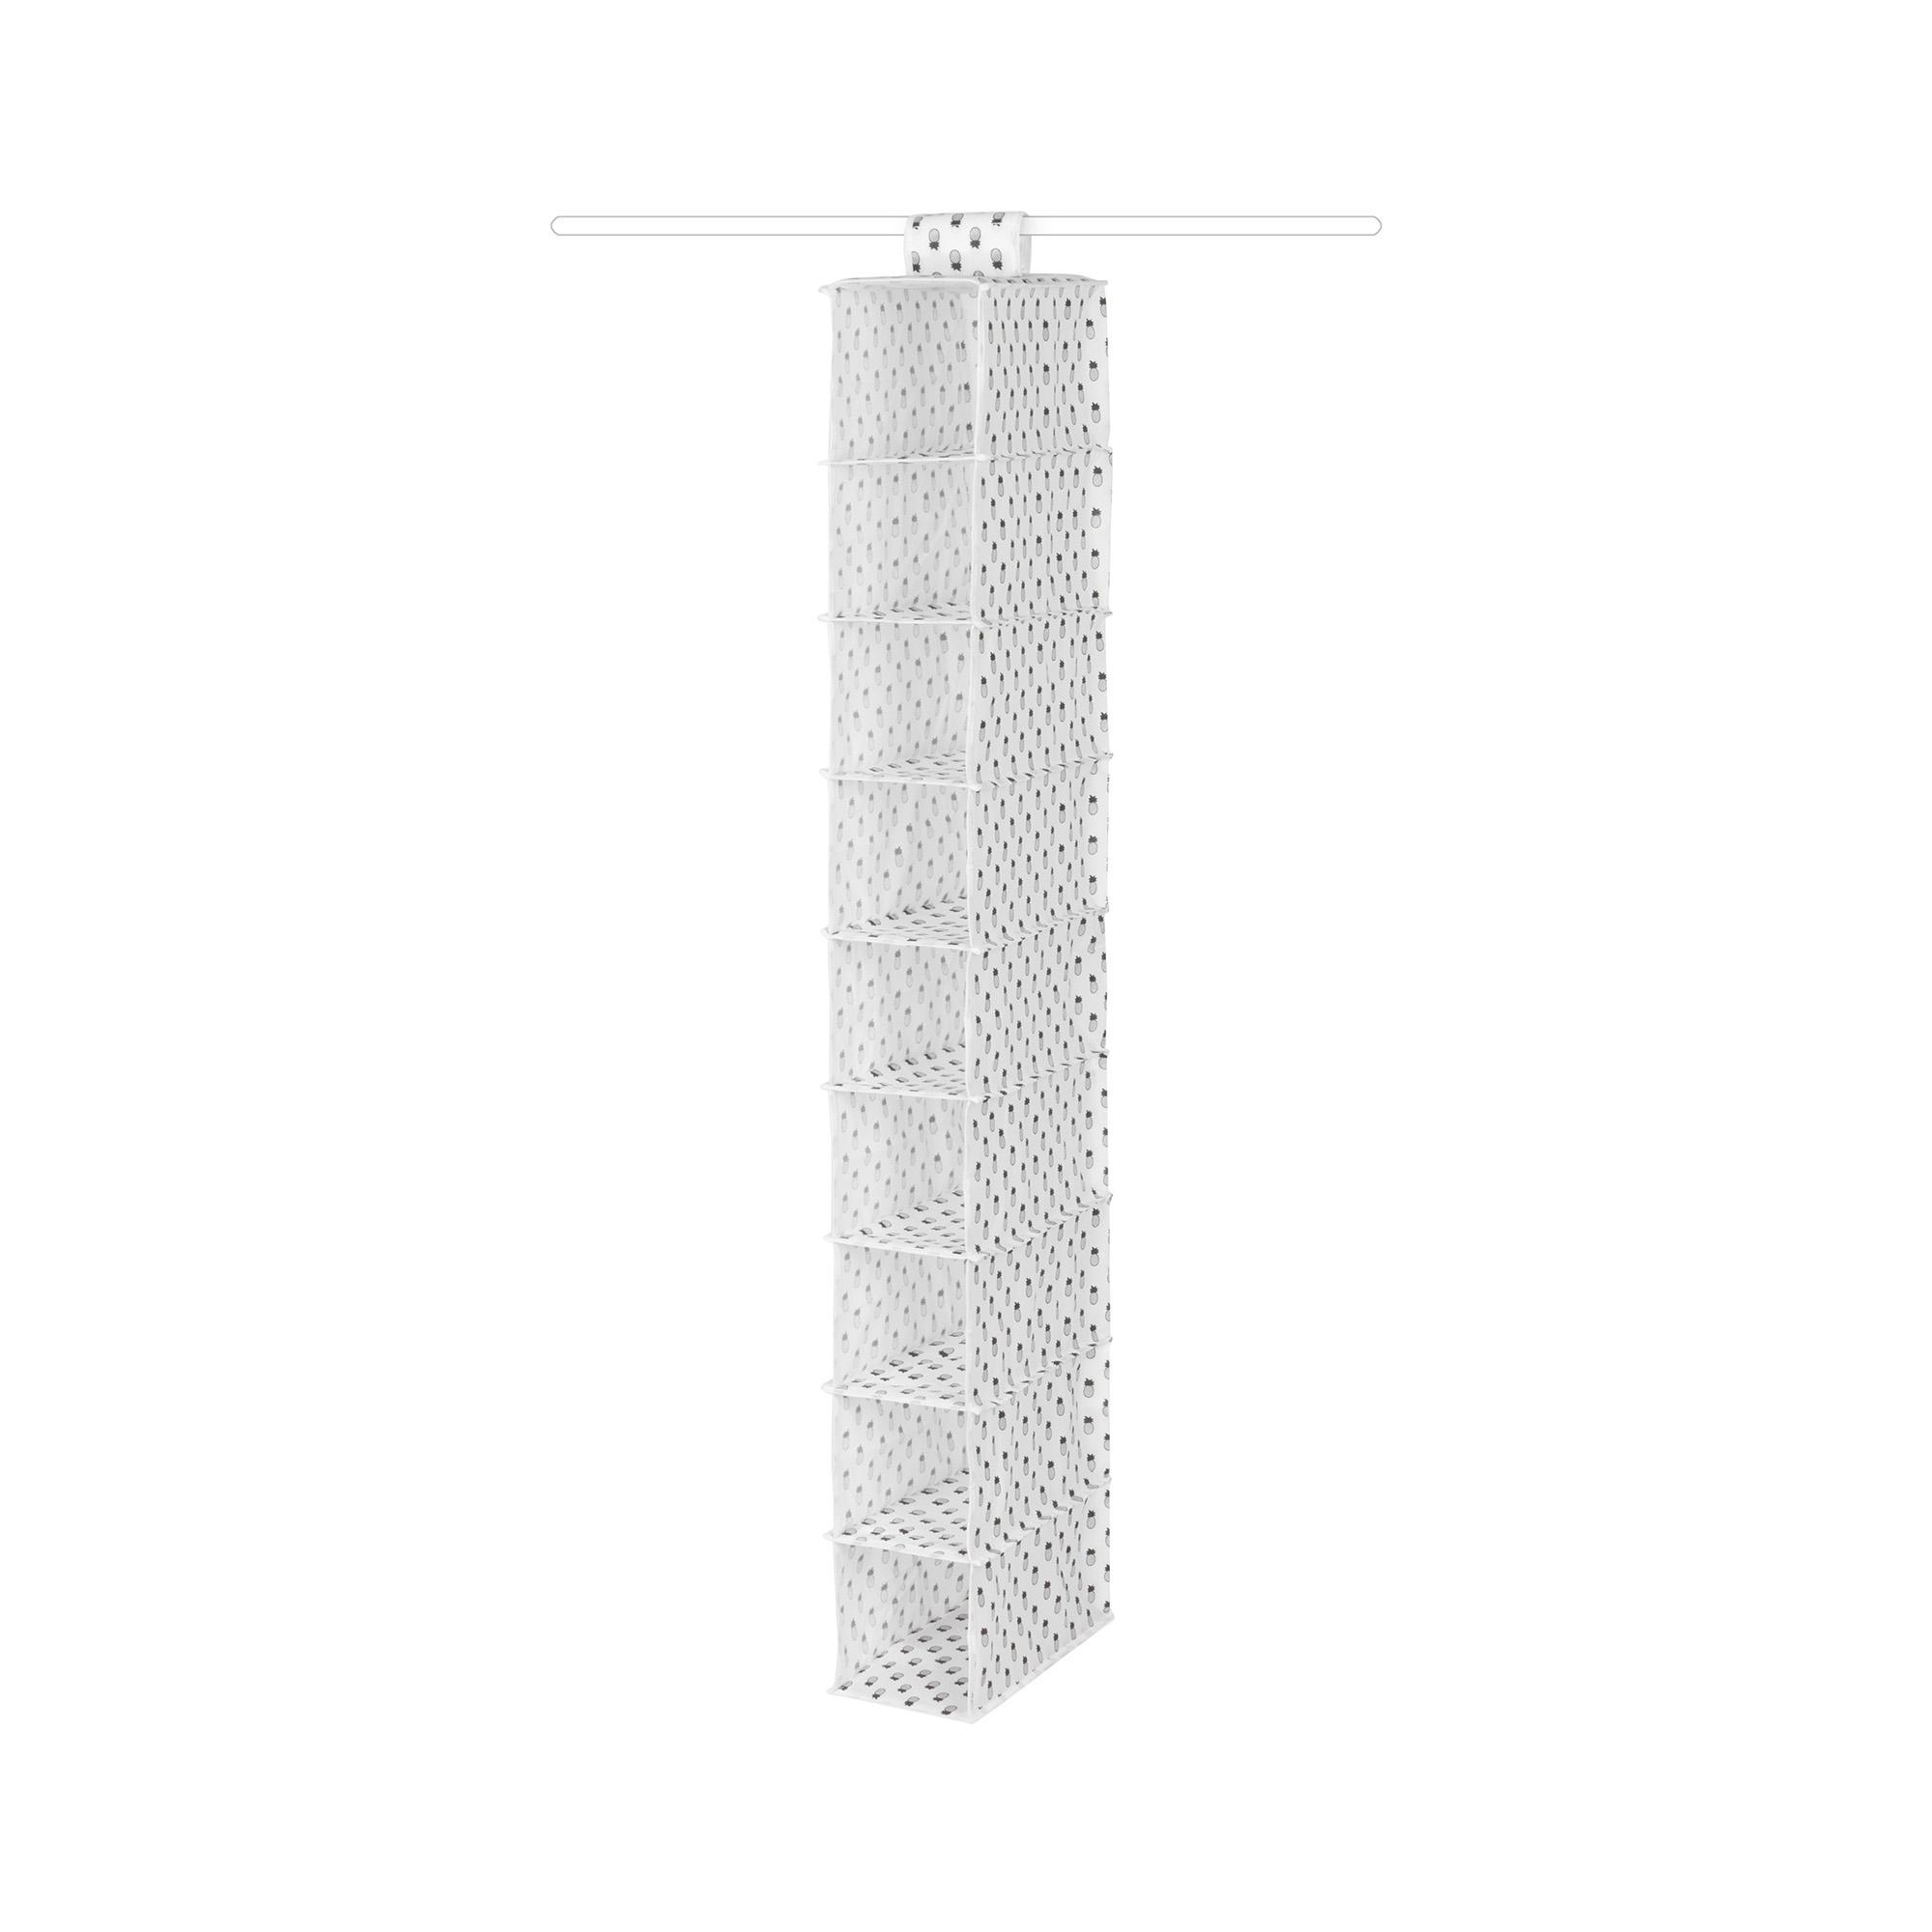 Étagère à suspendre 9 compartiments H128cm